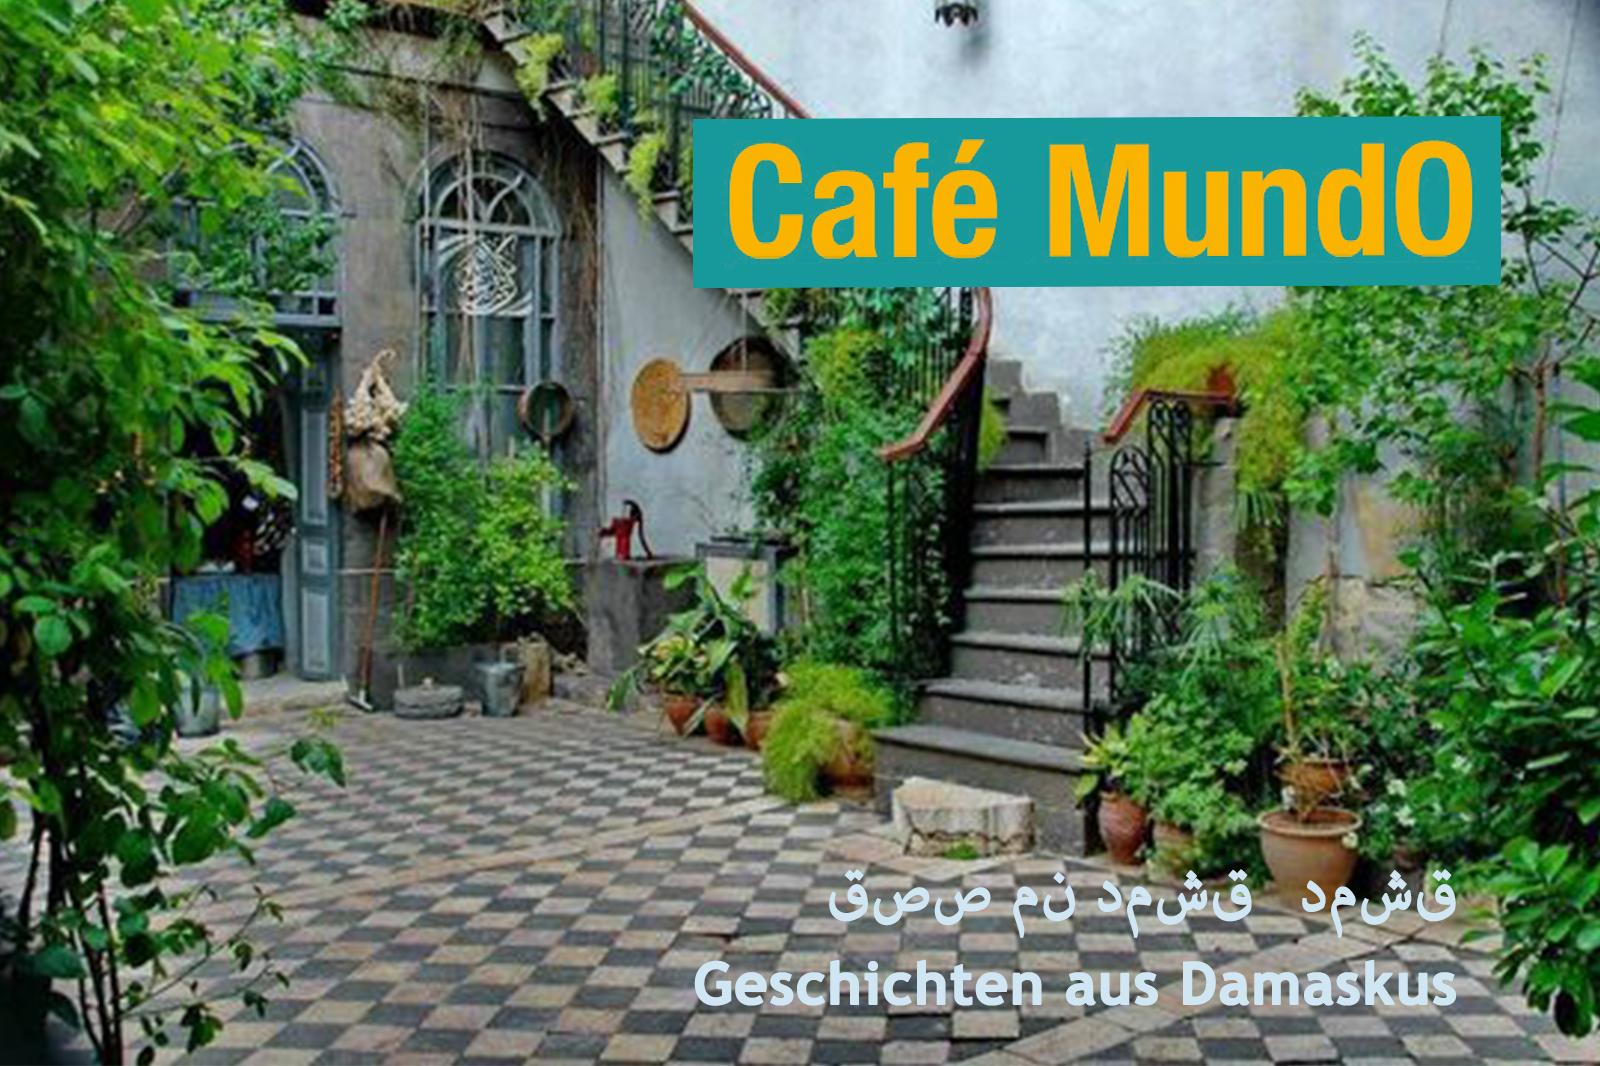 Cafe-MundO-Damaskus-2